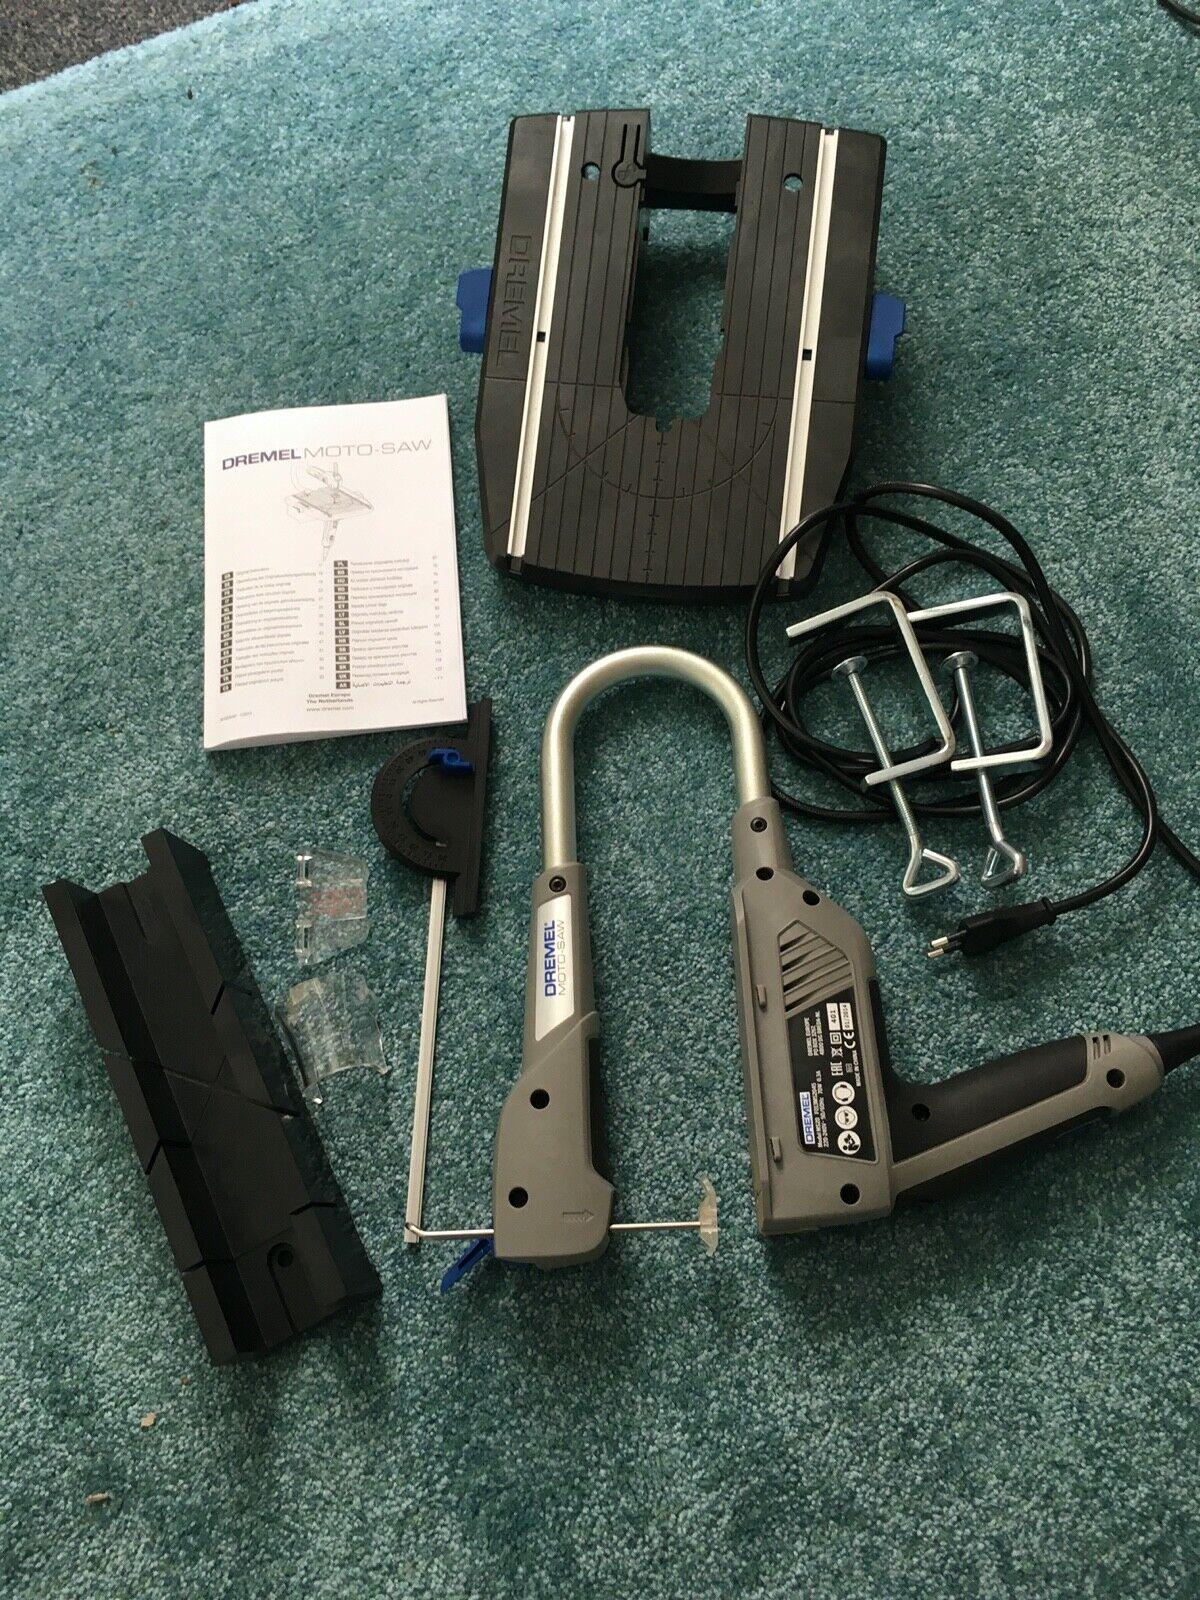 Dremel Moto - Saw Elektrische Laubsäge Dekupiersäge